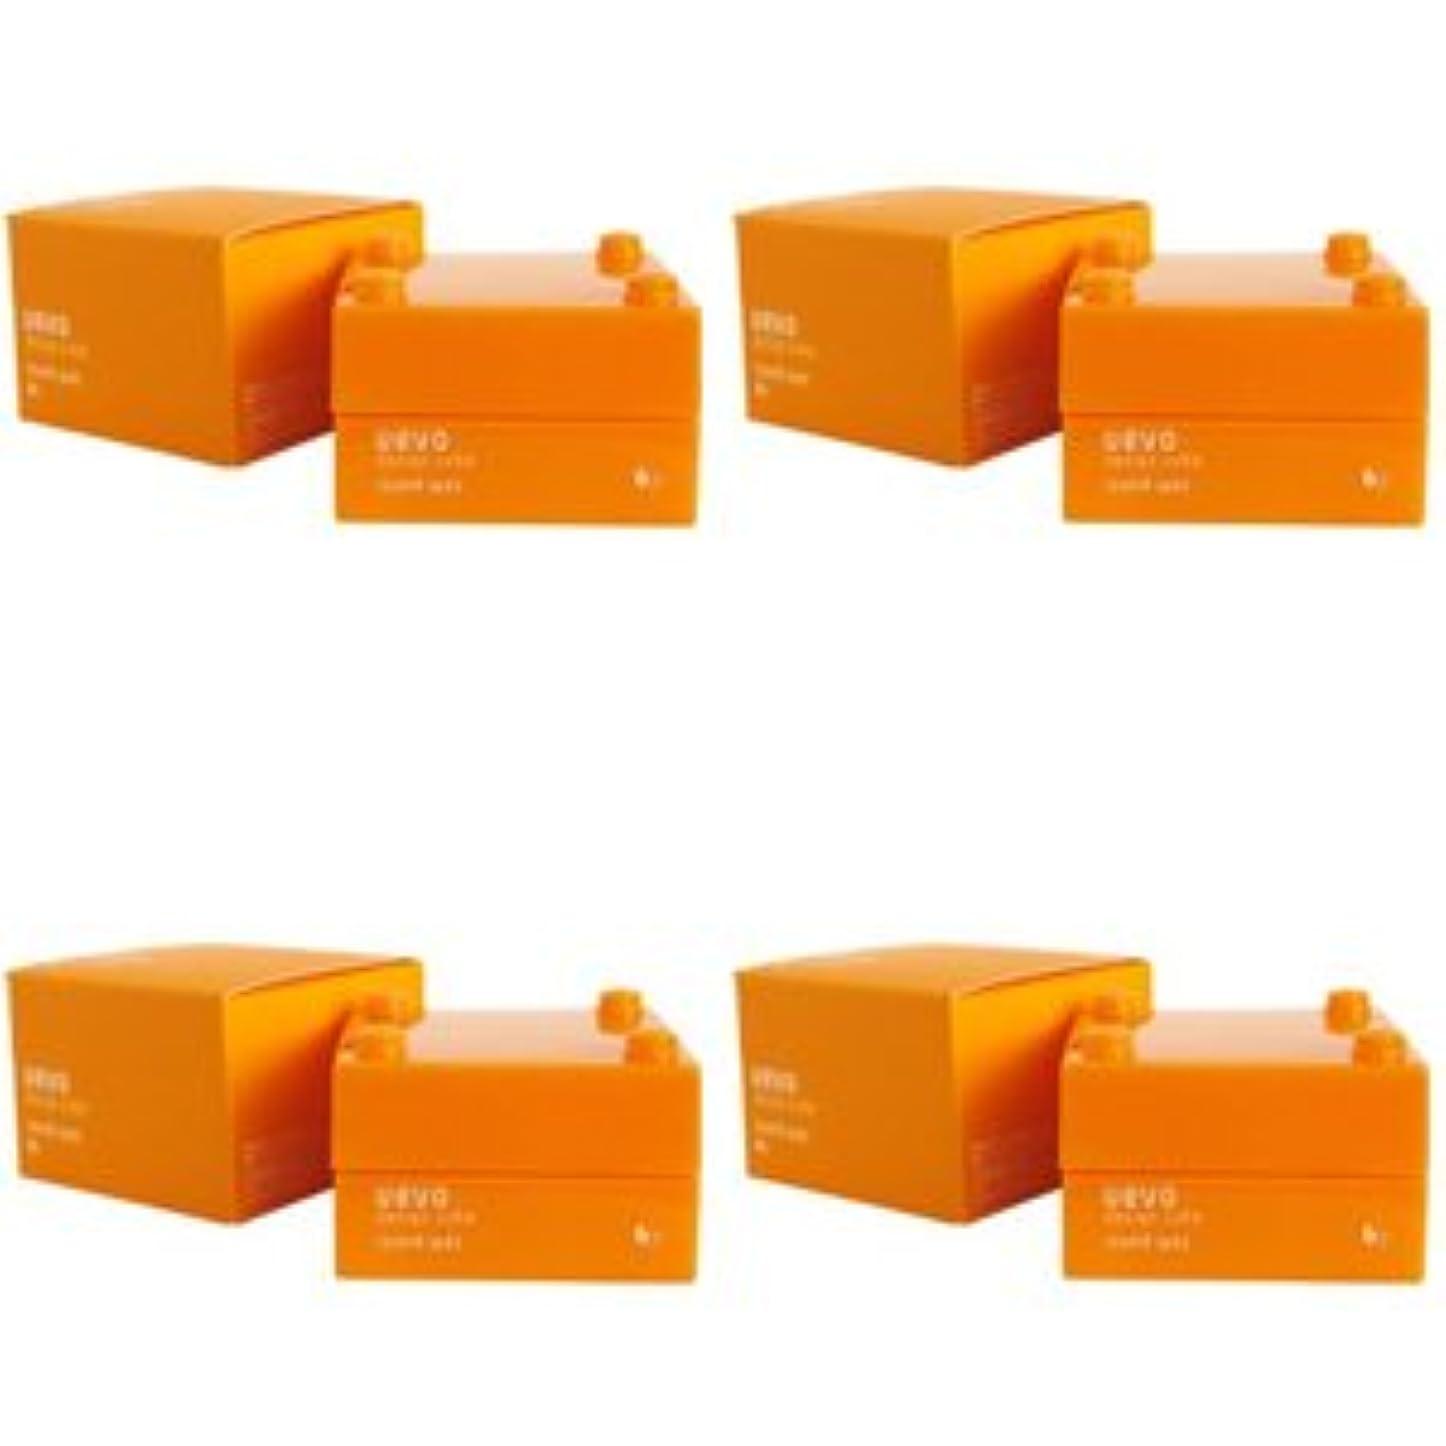 サイレント非アクティブ軽減【X4個セット】 デミ ウェーボ デザインキューブ ラウンドワックス 30g round wax DEMI uevo design cube